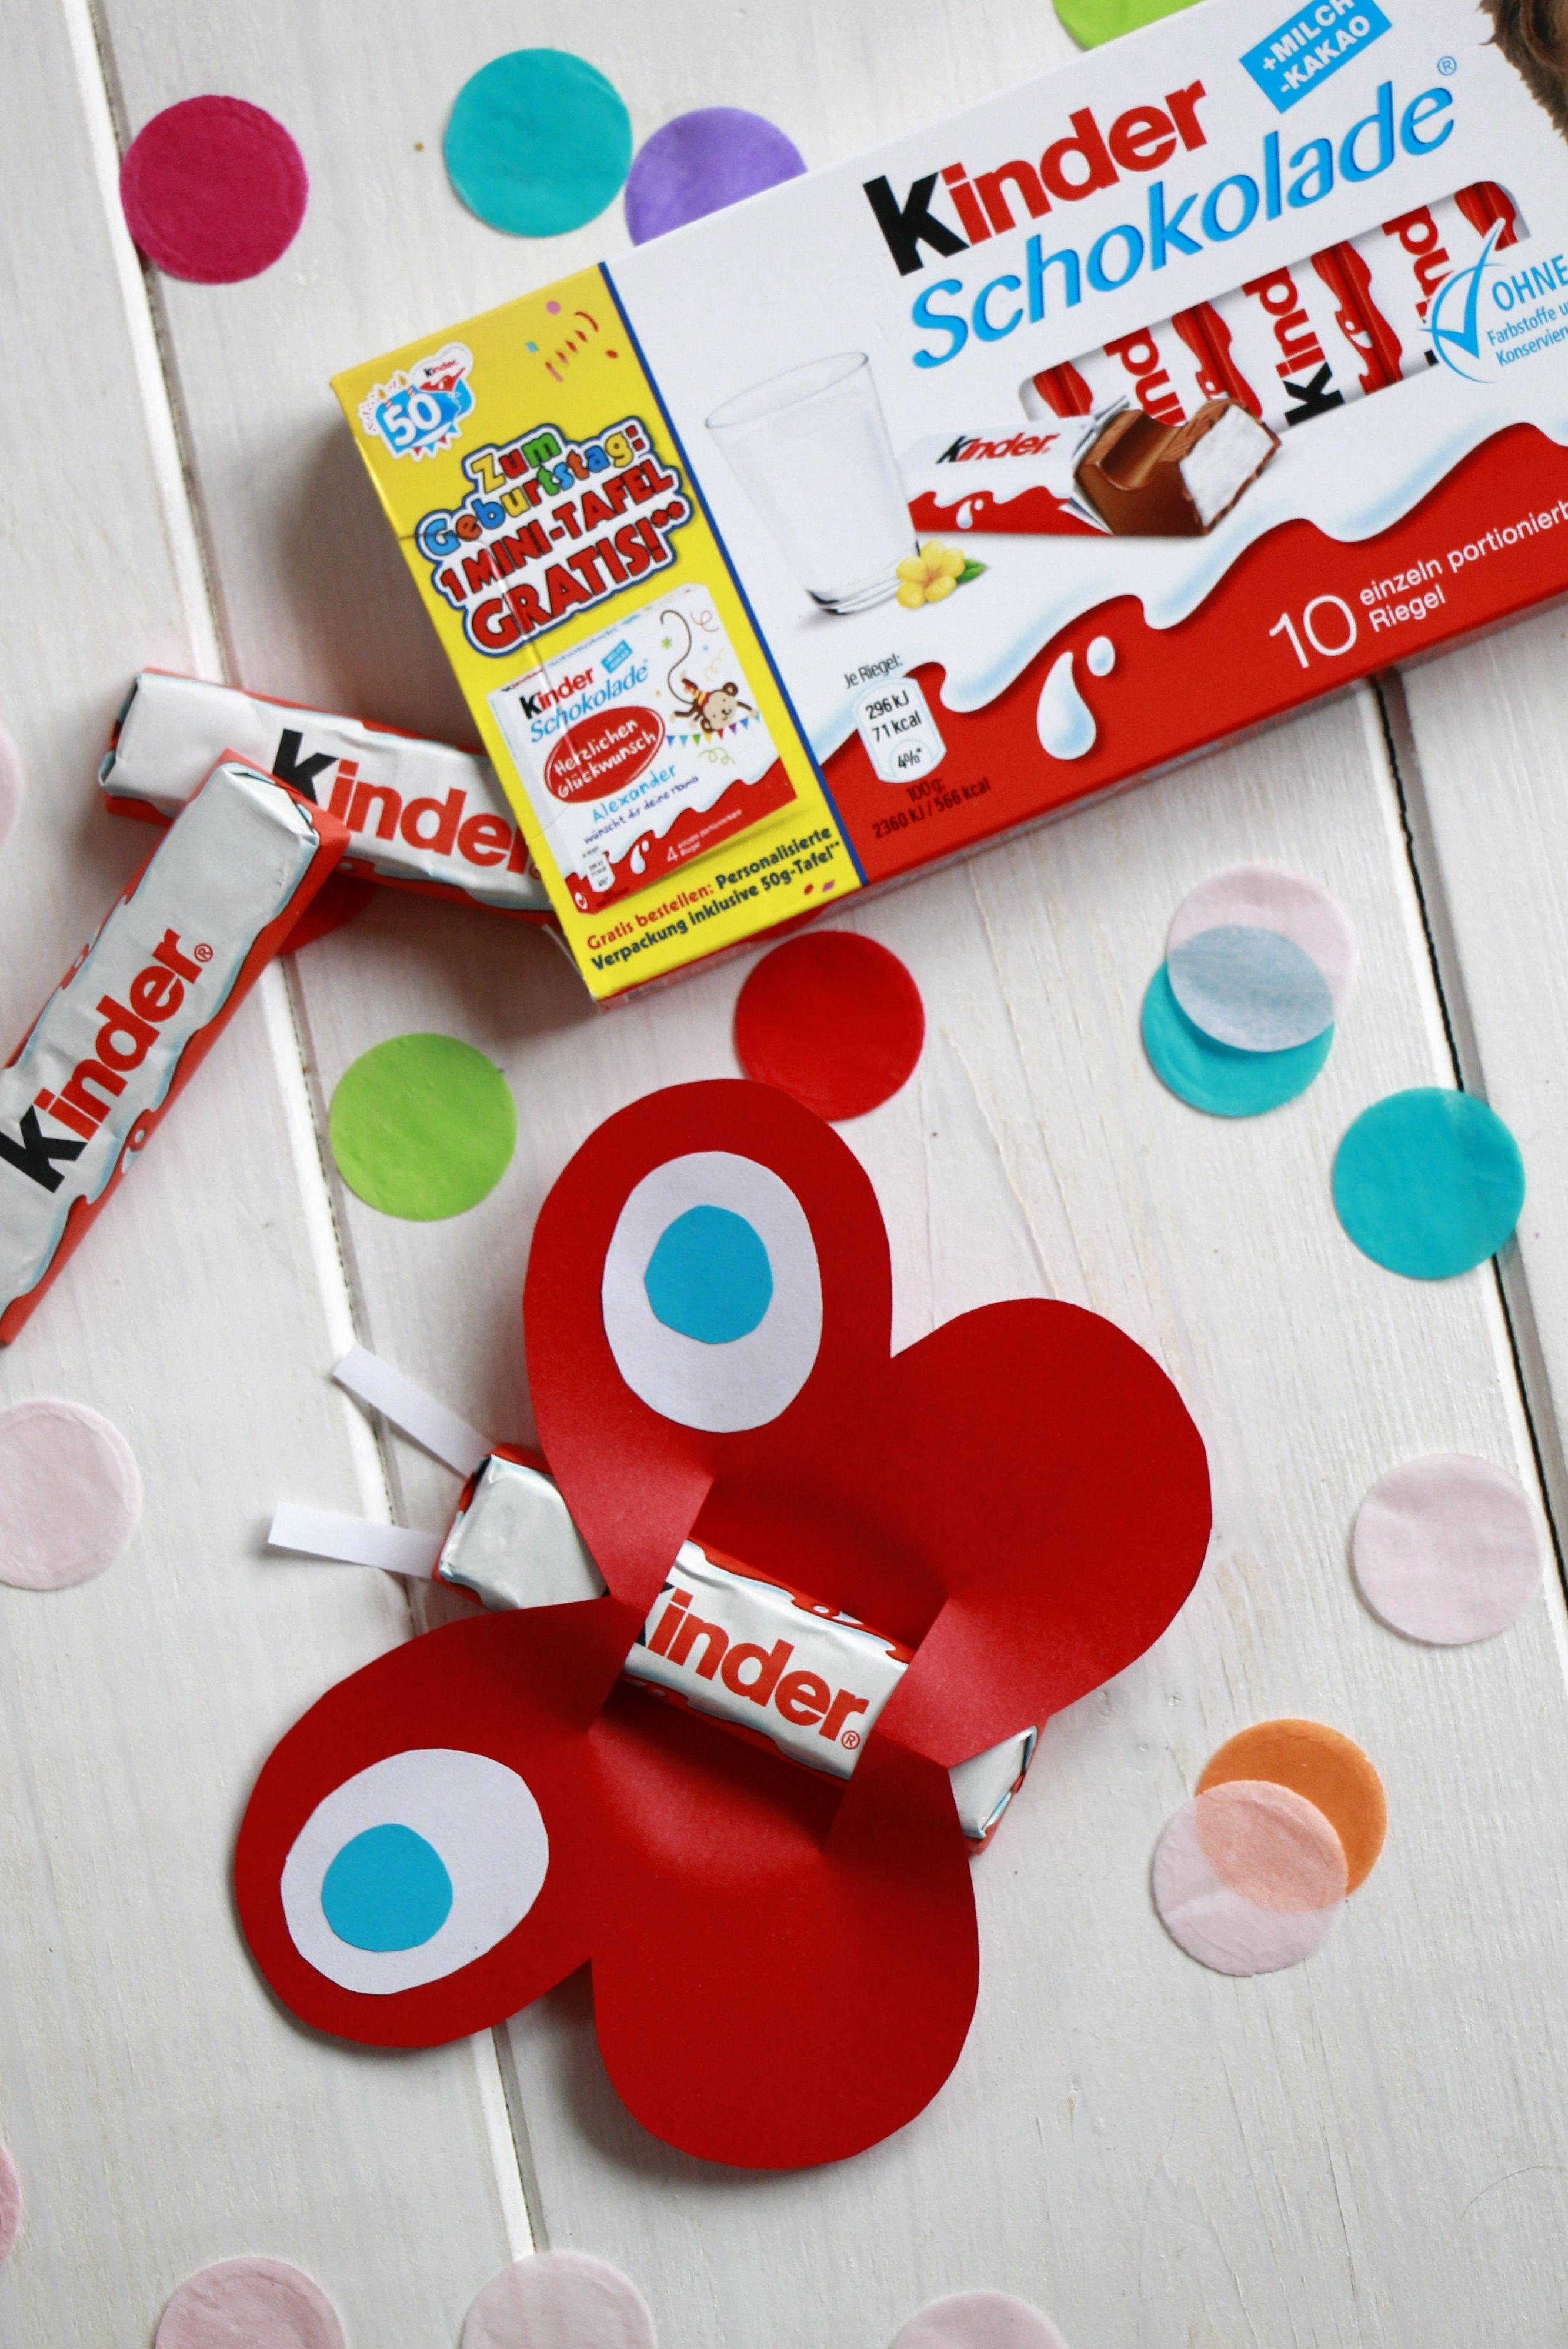 Mitgebsel Kindergarten Geburtstag Ferrero Kinder Schokolade